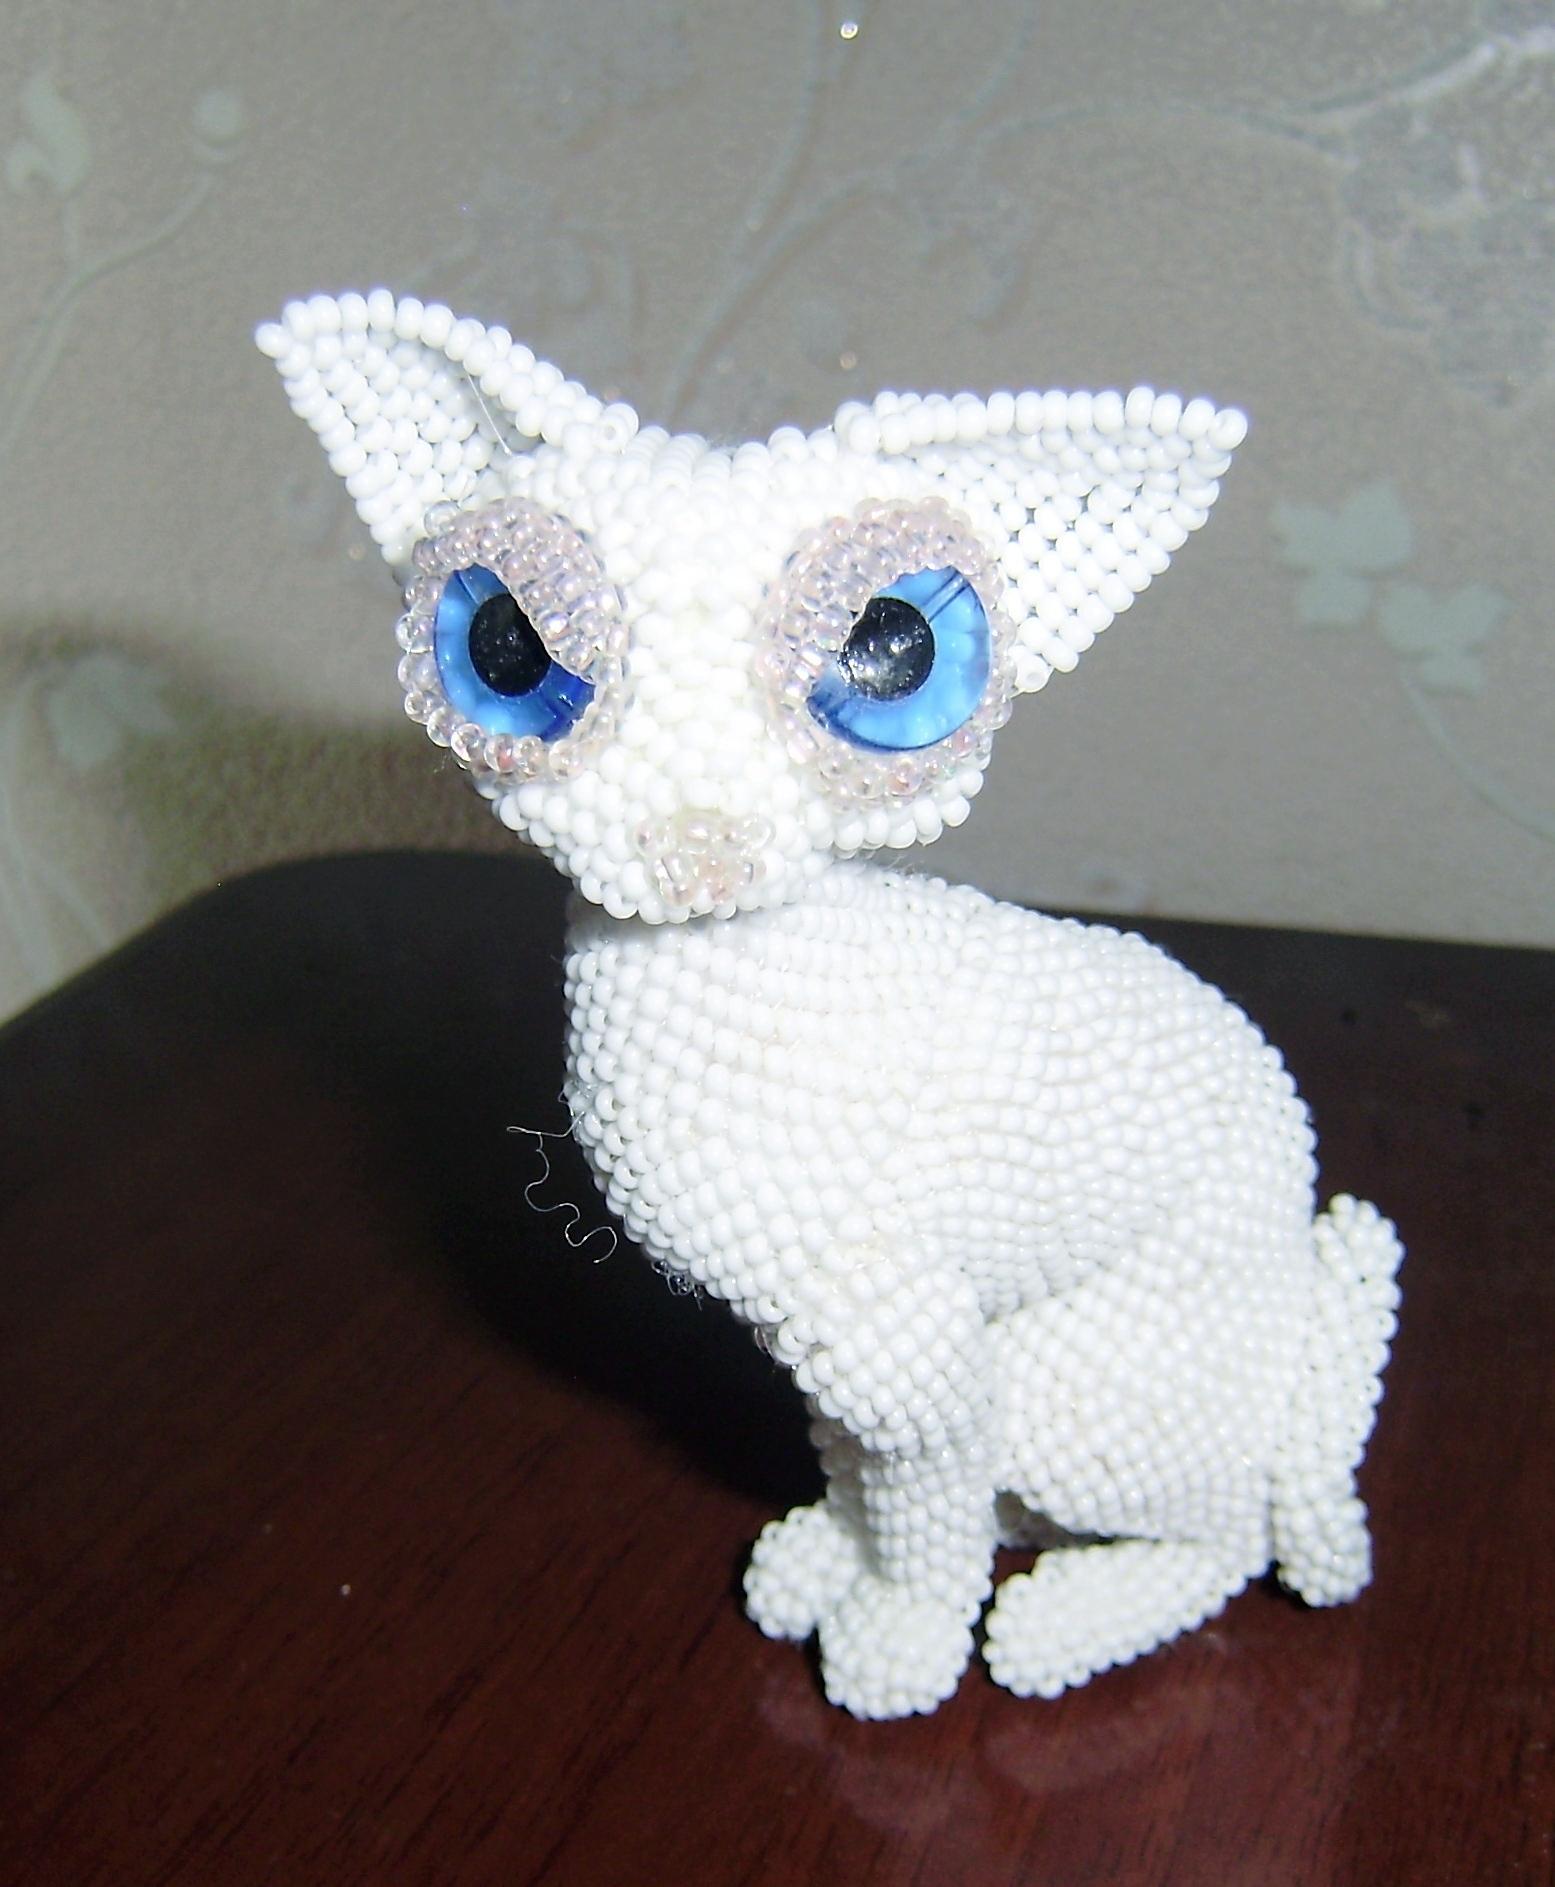 котёнок из бисера, котёнок из бисера схема, котёнок из бисера объёмный.